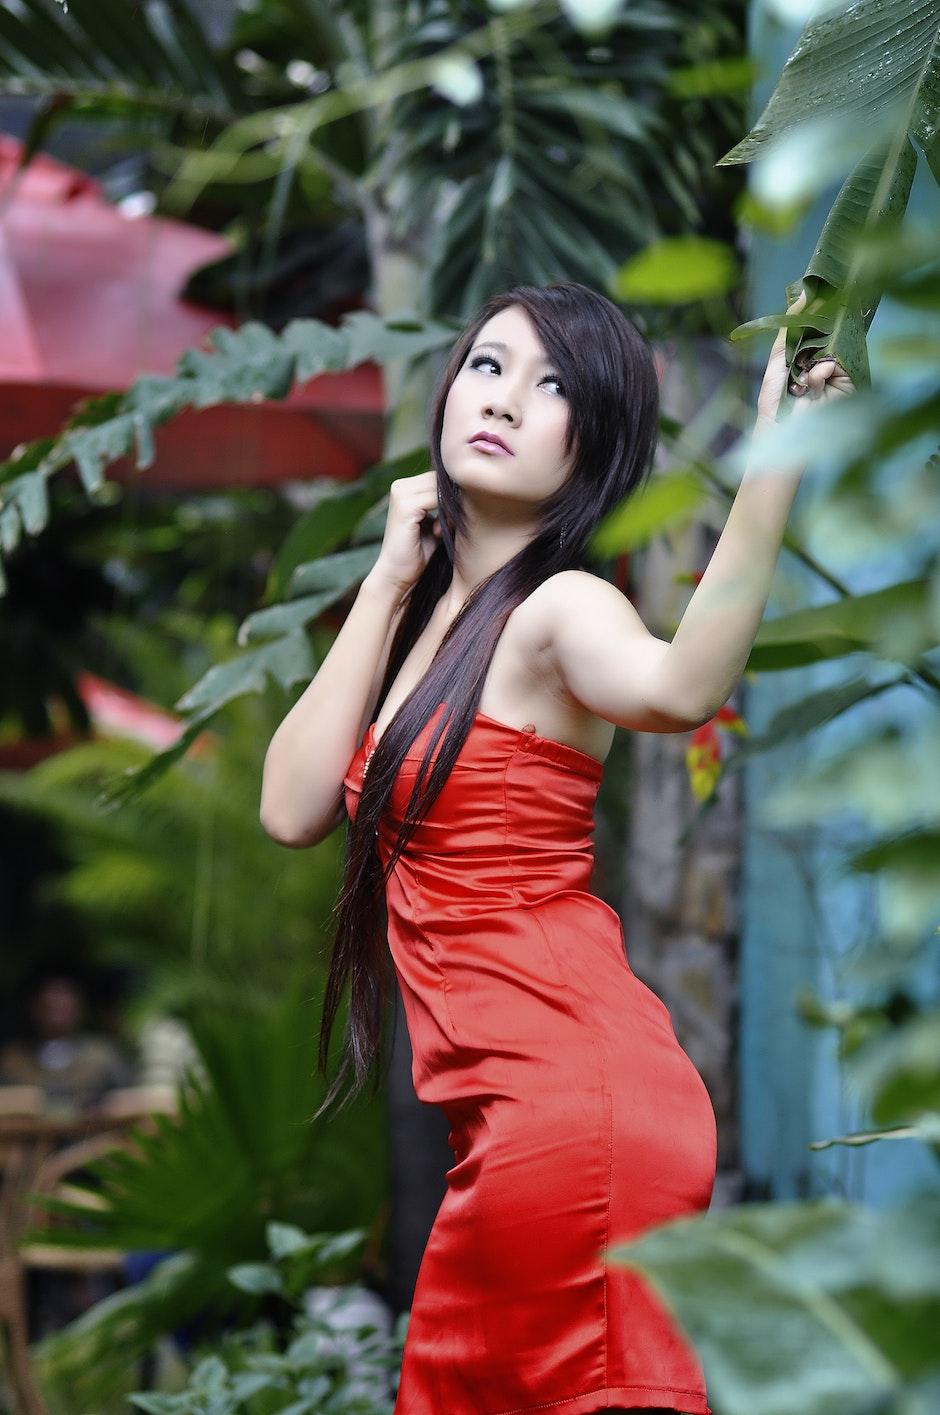 adult, Asian, asian girl